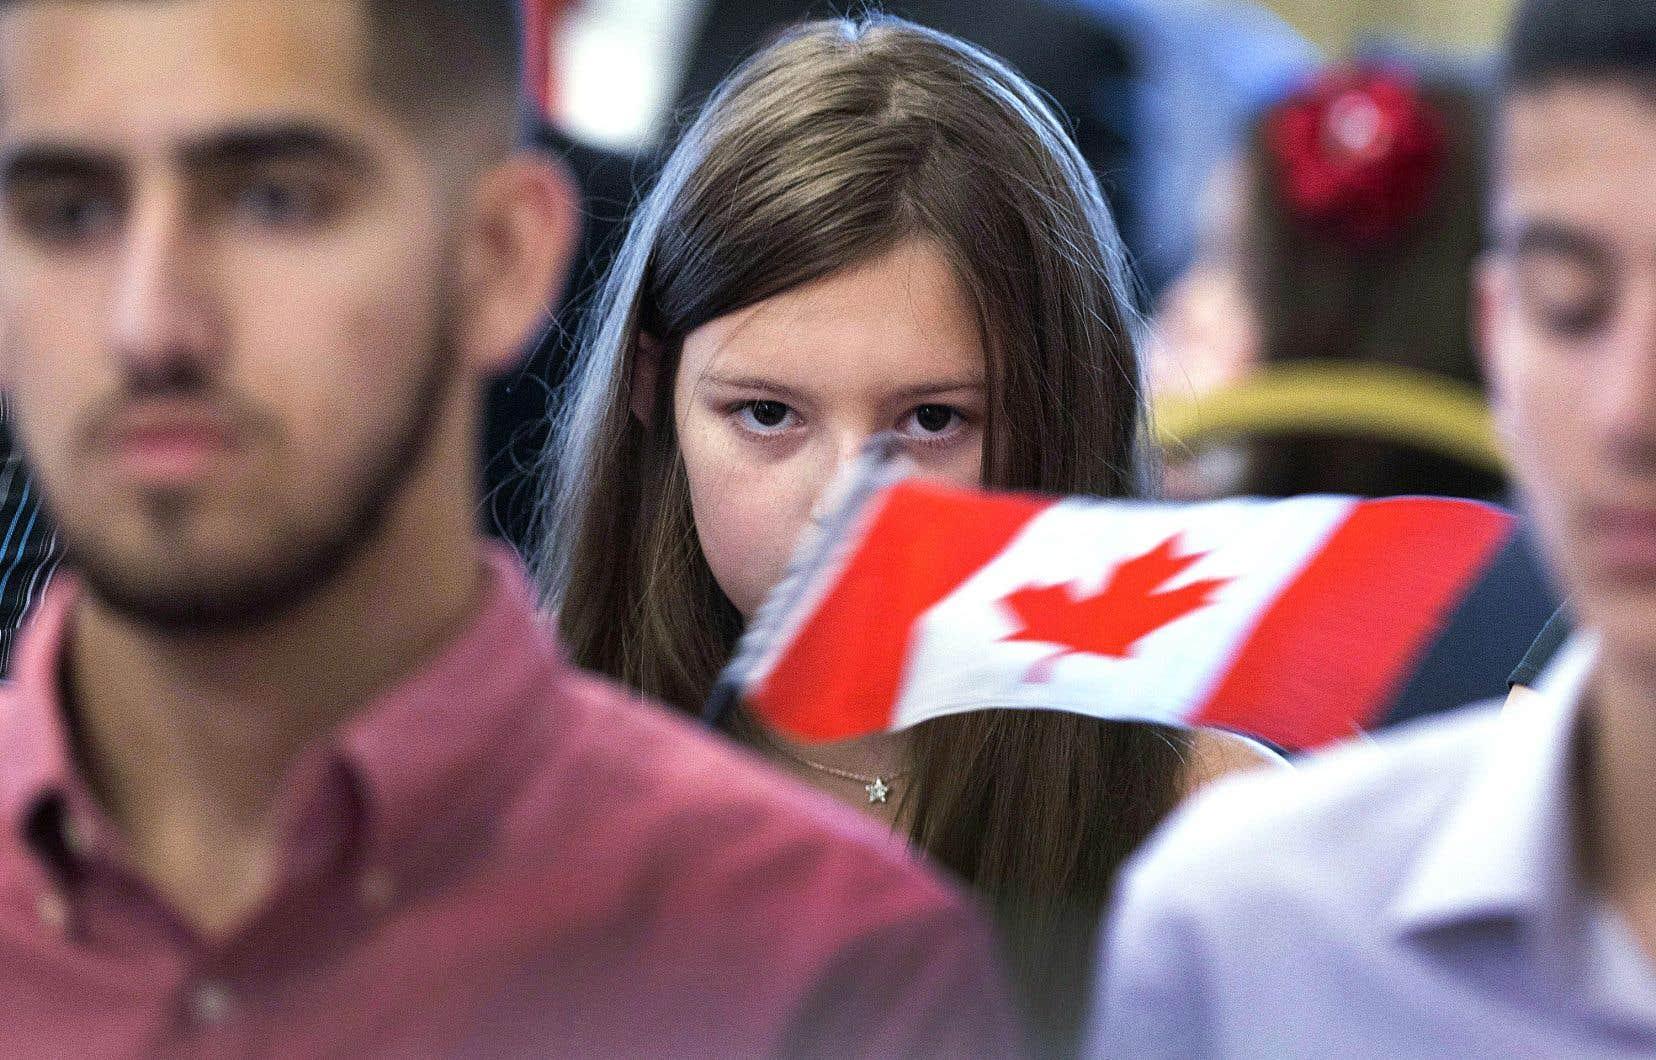 Selon les données obtenues, près du tiers des immigrants de nationalité américaine qui arrivent au Canada entrent dans la catégorie des immigrants dits «économiques».